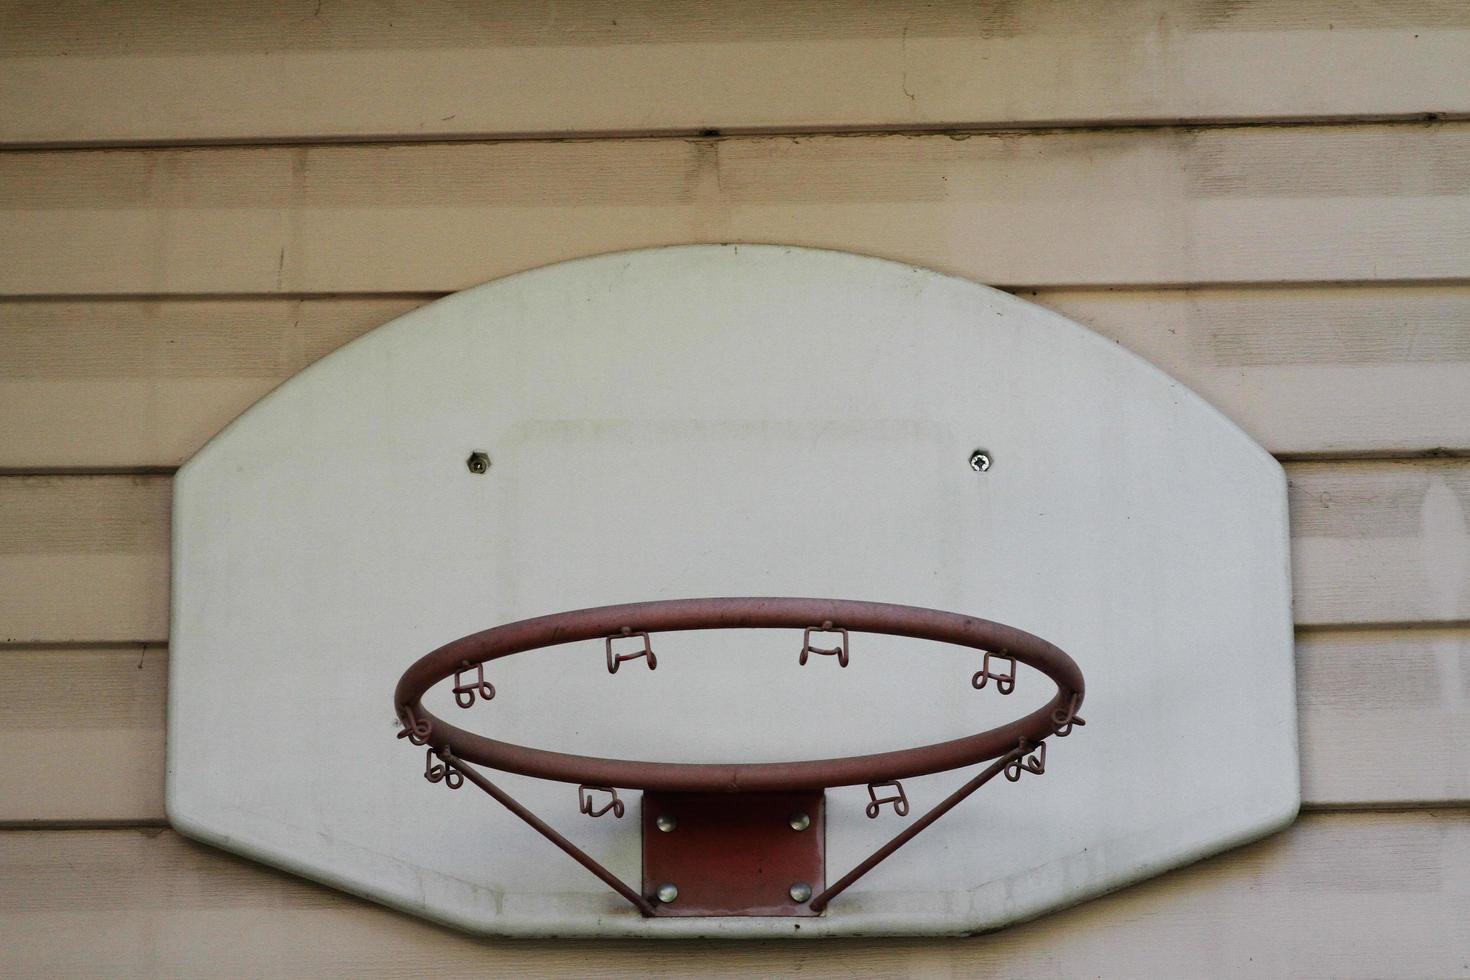 Viejo tablero y canasta de baloncesto foto